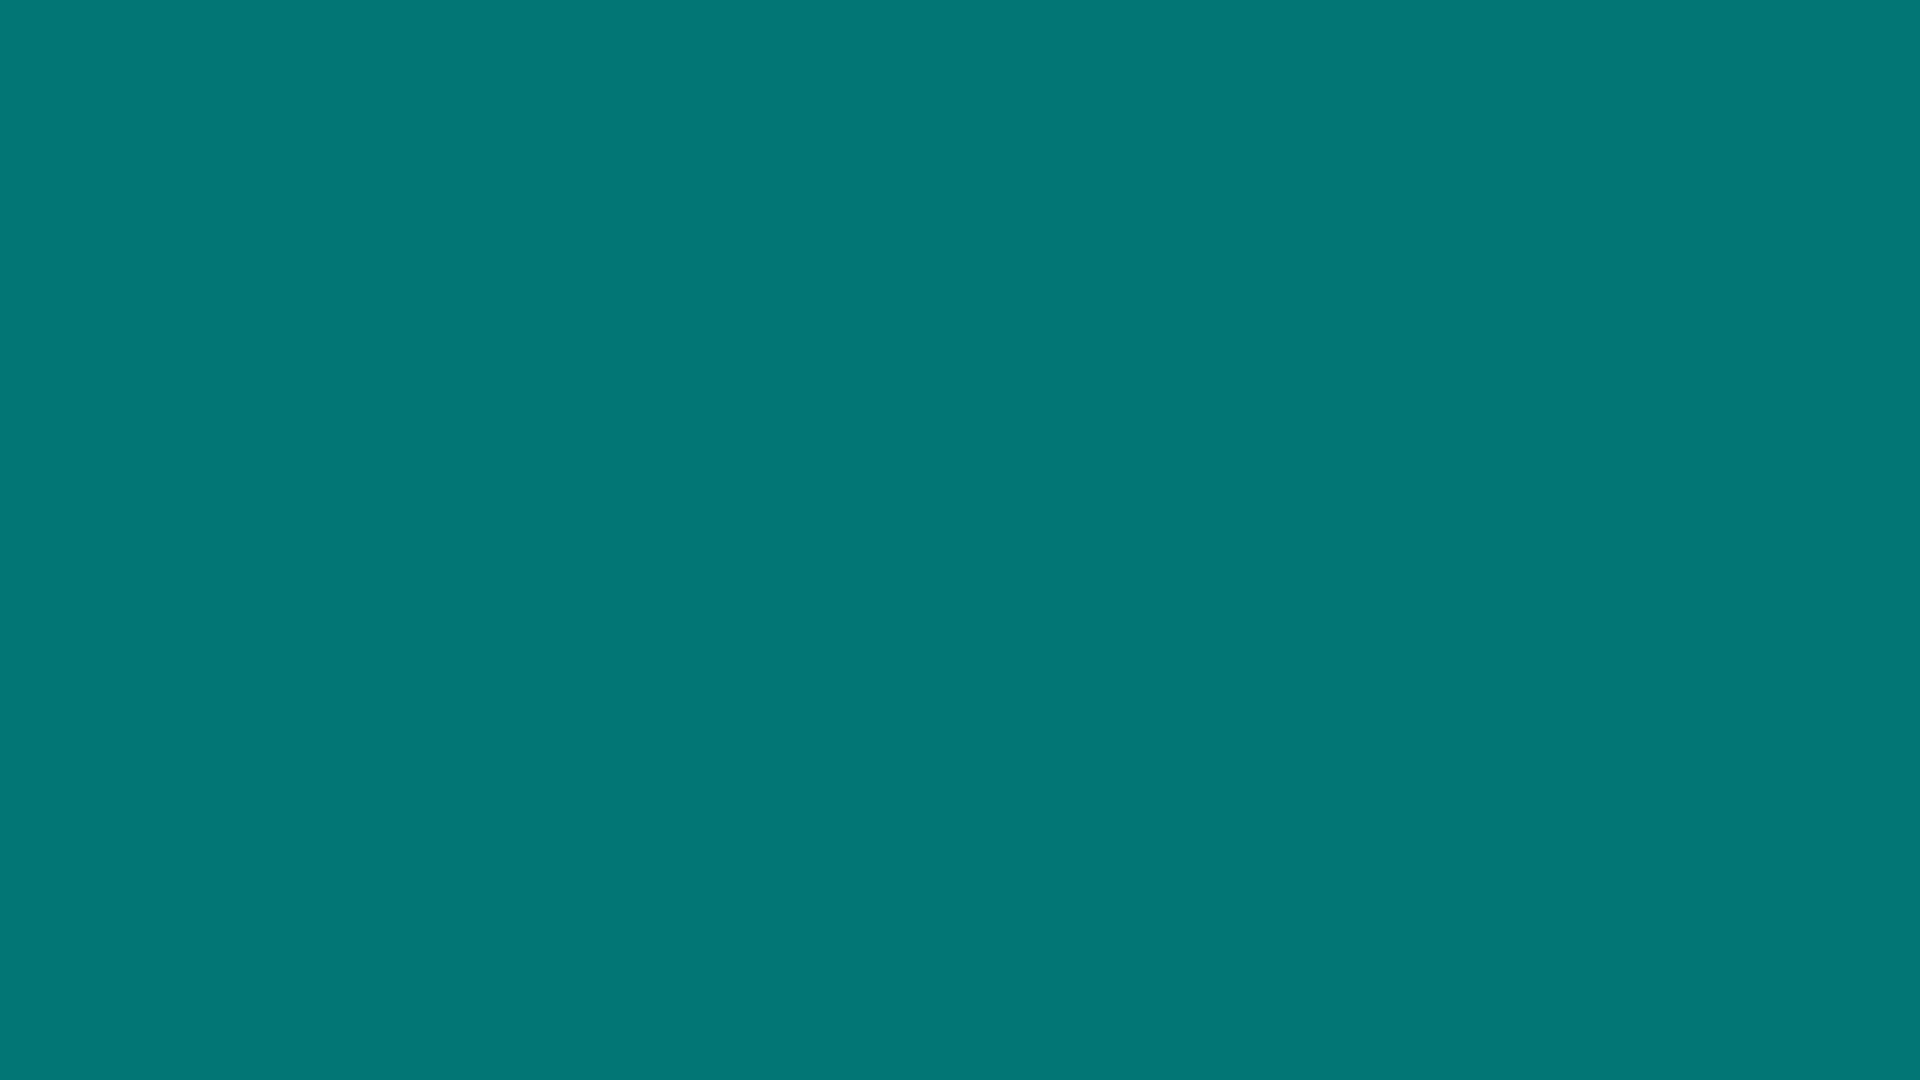 서울대학교 아시아연구소 국제교류 및 국제학술활동 전문인력 1차 서류 심사 결과 발표